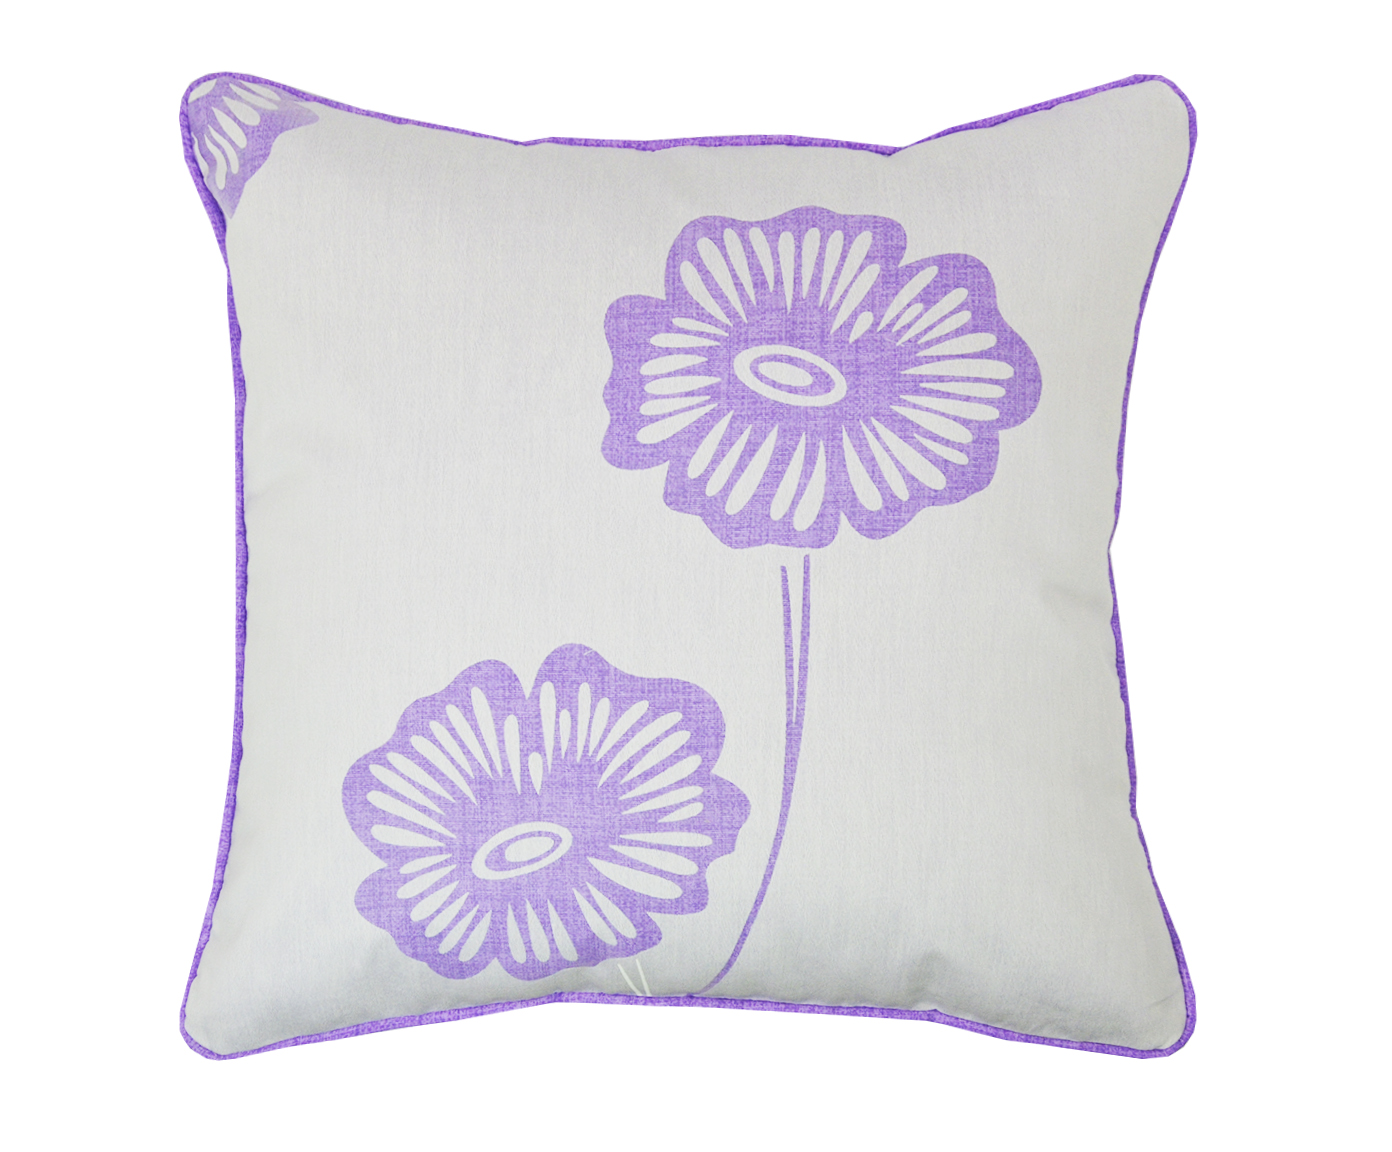 Подушка Прозрачный цветокКвадратные подушки и наволочки<br>Декоративная  подушка .Чехол съемный.<br><br>Material: Хлопок<br>Ширина см: 45<br>Высота см: 45<br>Глубина см: 15